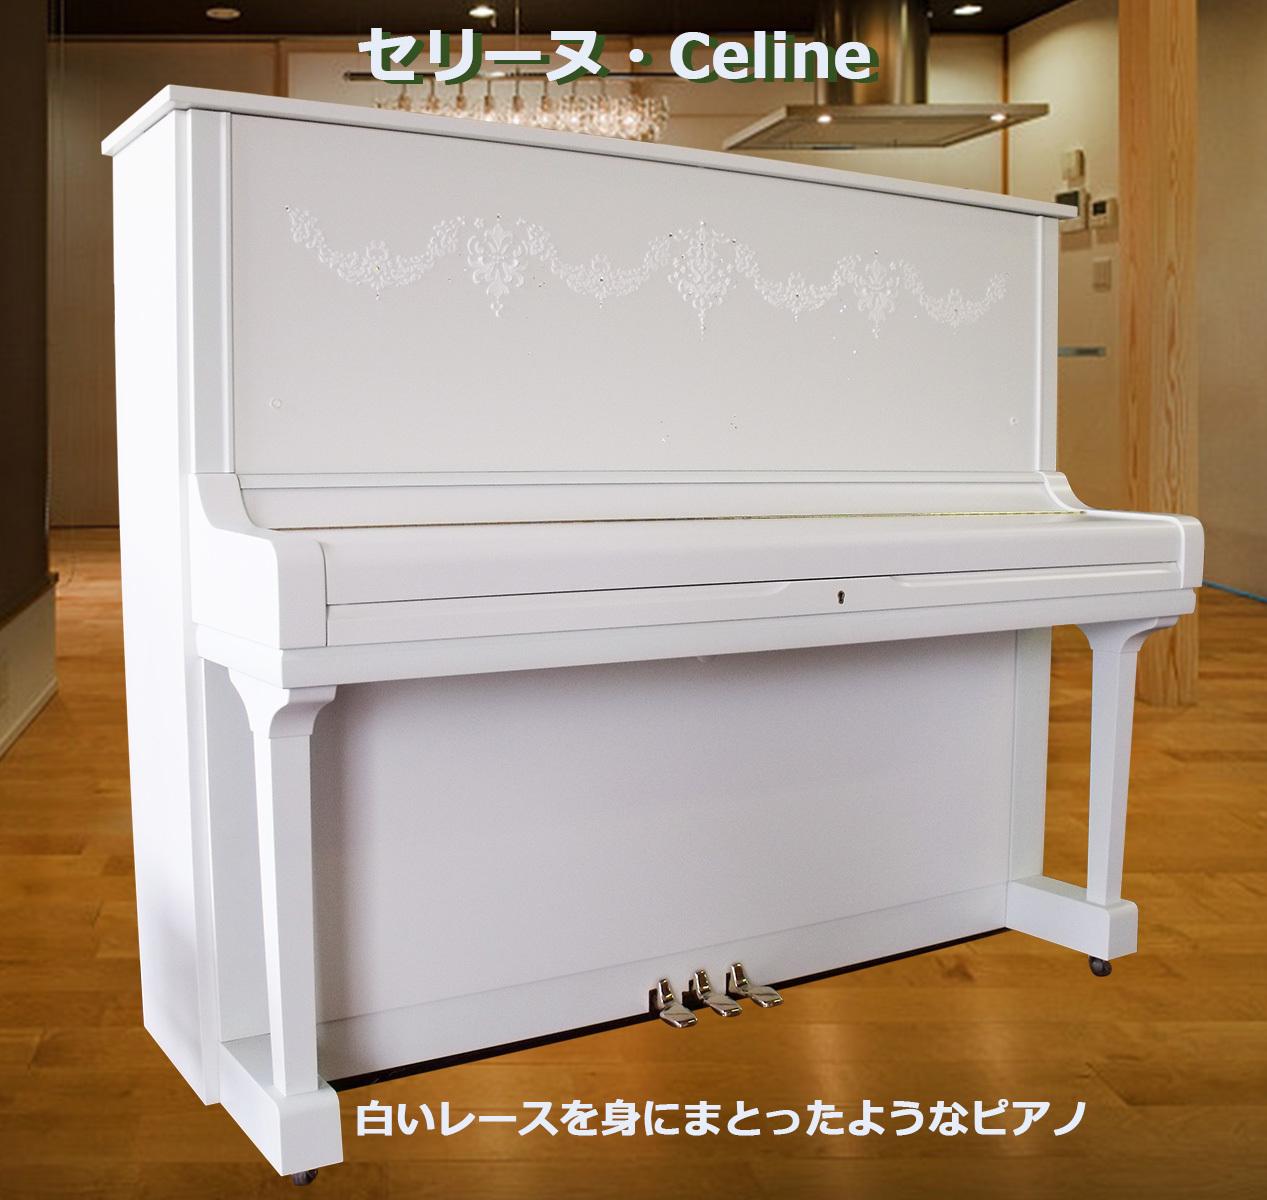 セリーヌ・Celine(白いピアノ アップライト)